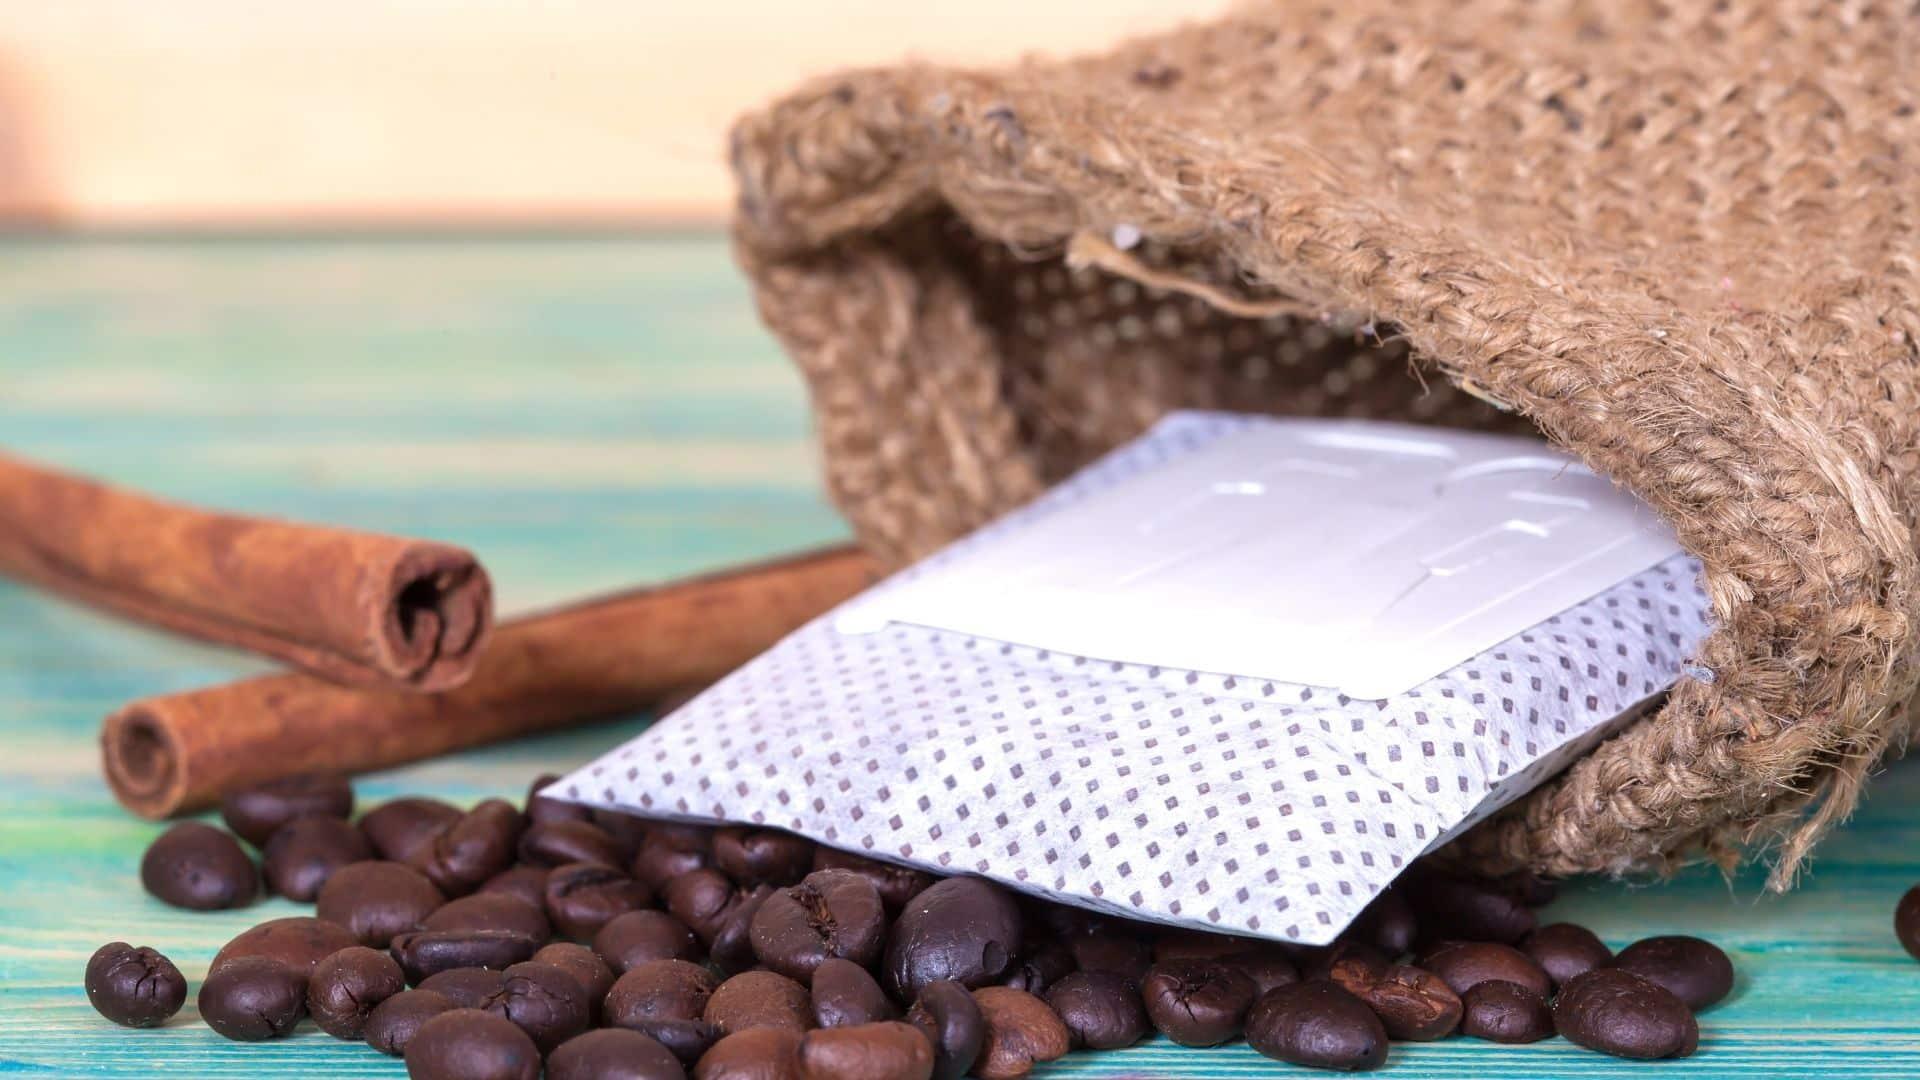 Amikor a fogyasztók a szupermarketek folyosóin bolyonganak a tökéletes kávé csomag után, vagy megvásárolják az ismert márkákat, vagy azokat, amelyek nekik ugranak, és arra késztetik őket, hogy teszteljék őket kávé csomagolás után.